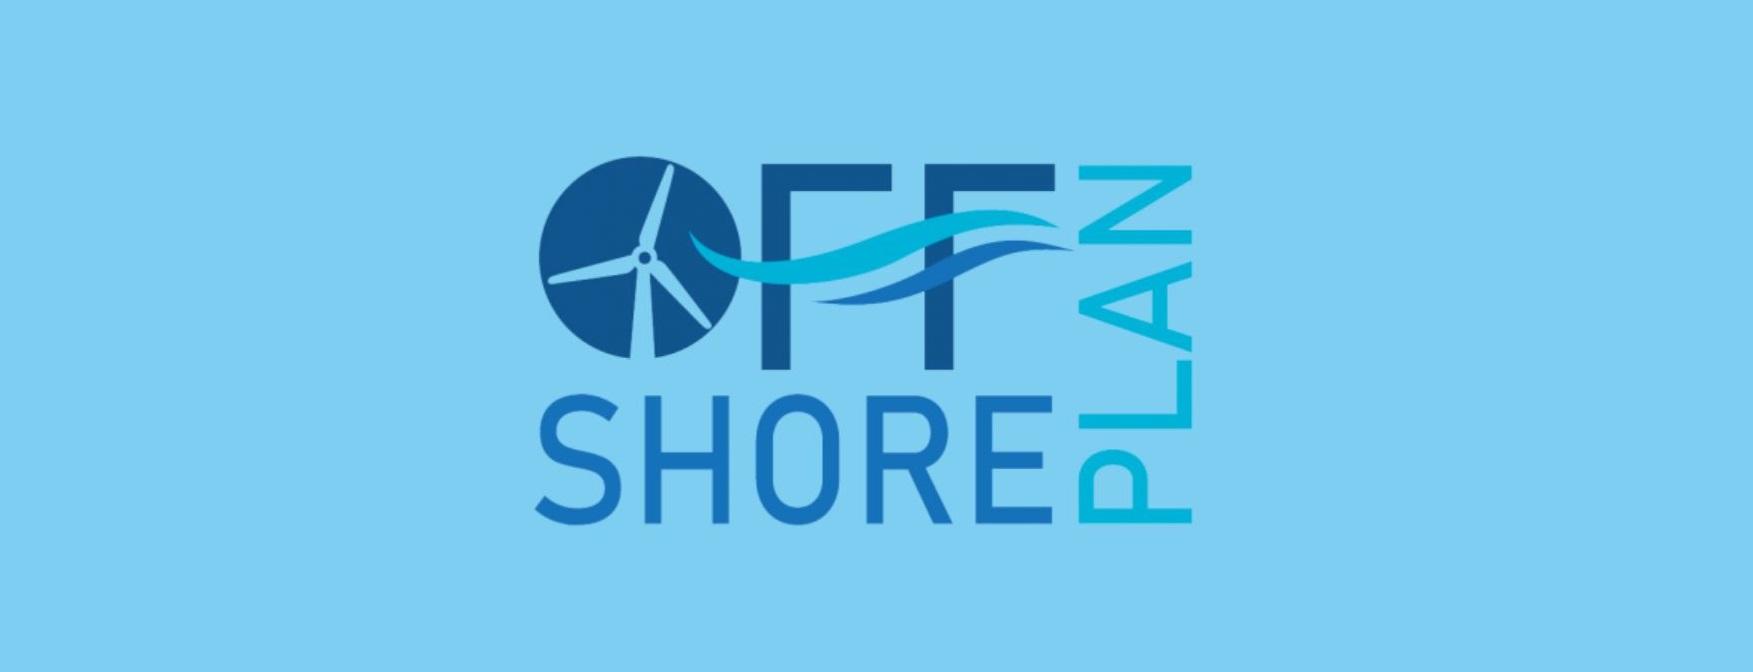 OffshorePlan